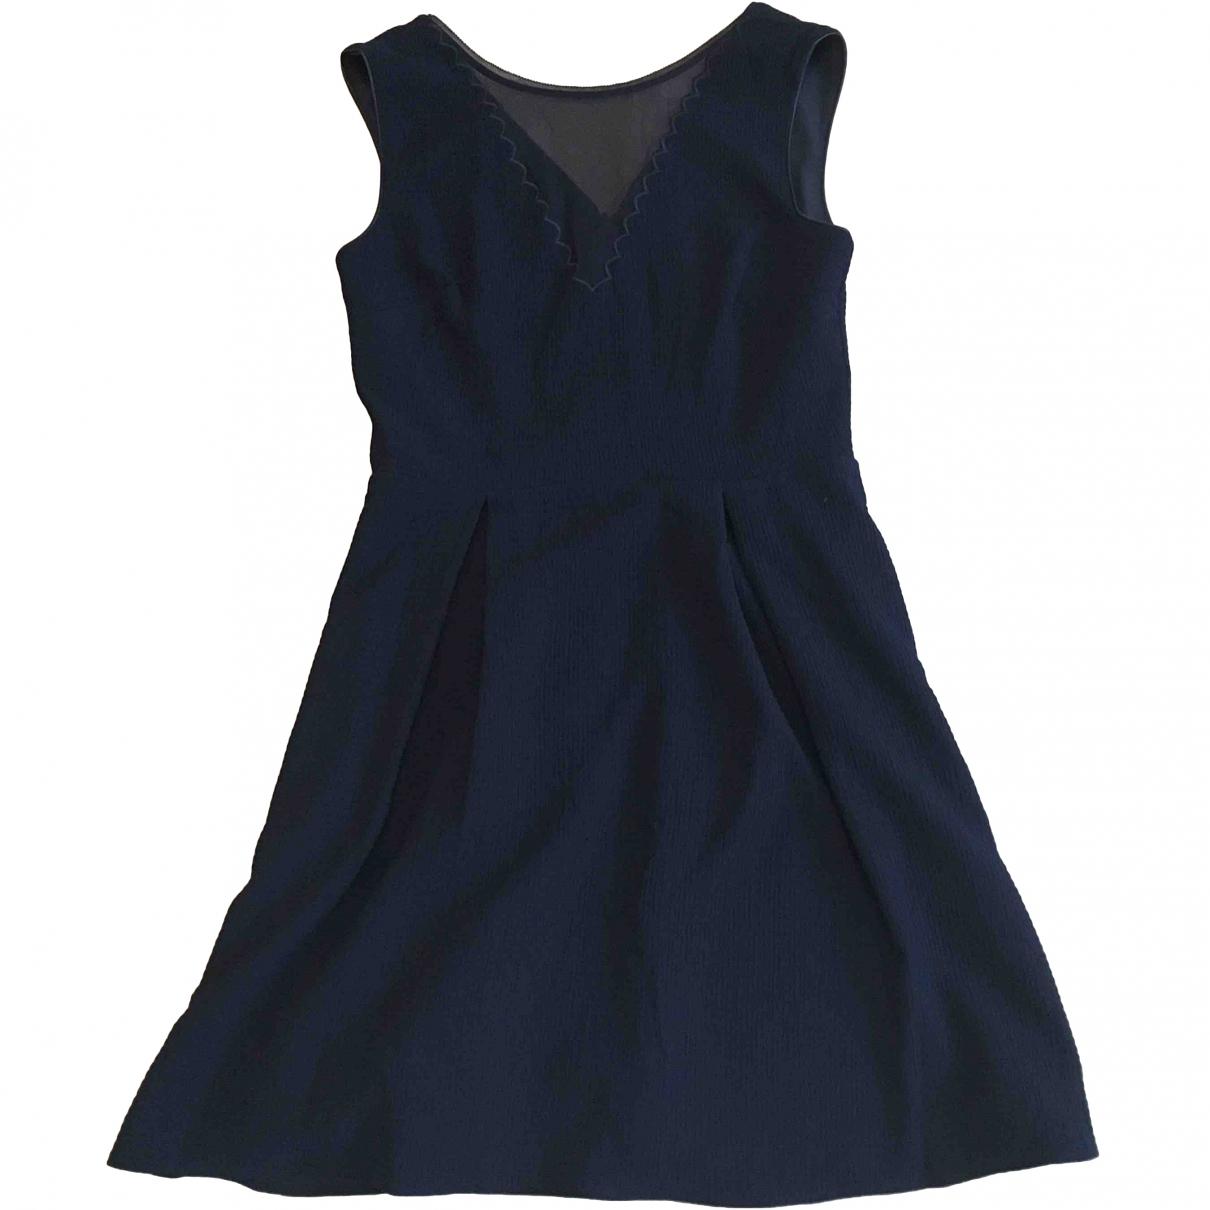 Reiss \N Navy dress for Women 12 UK